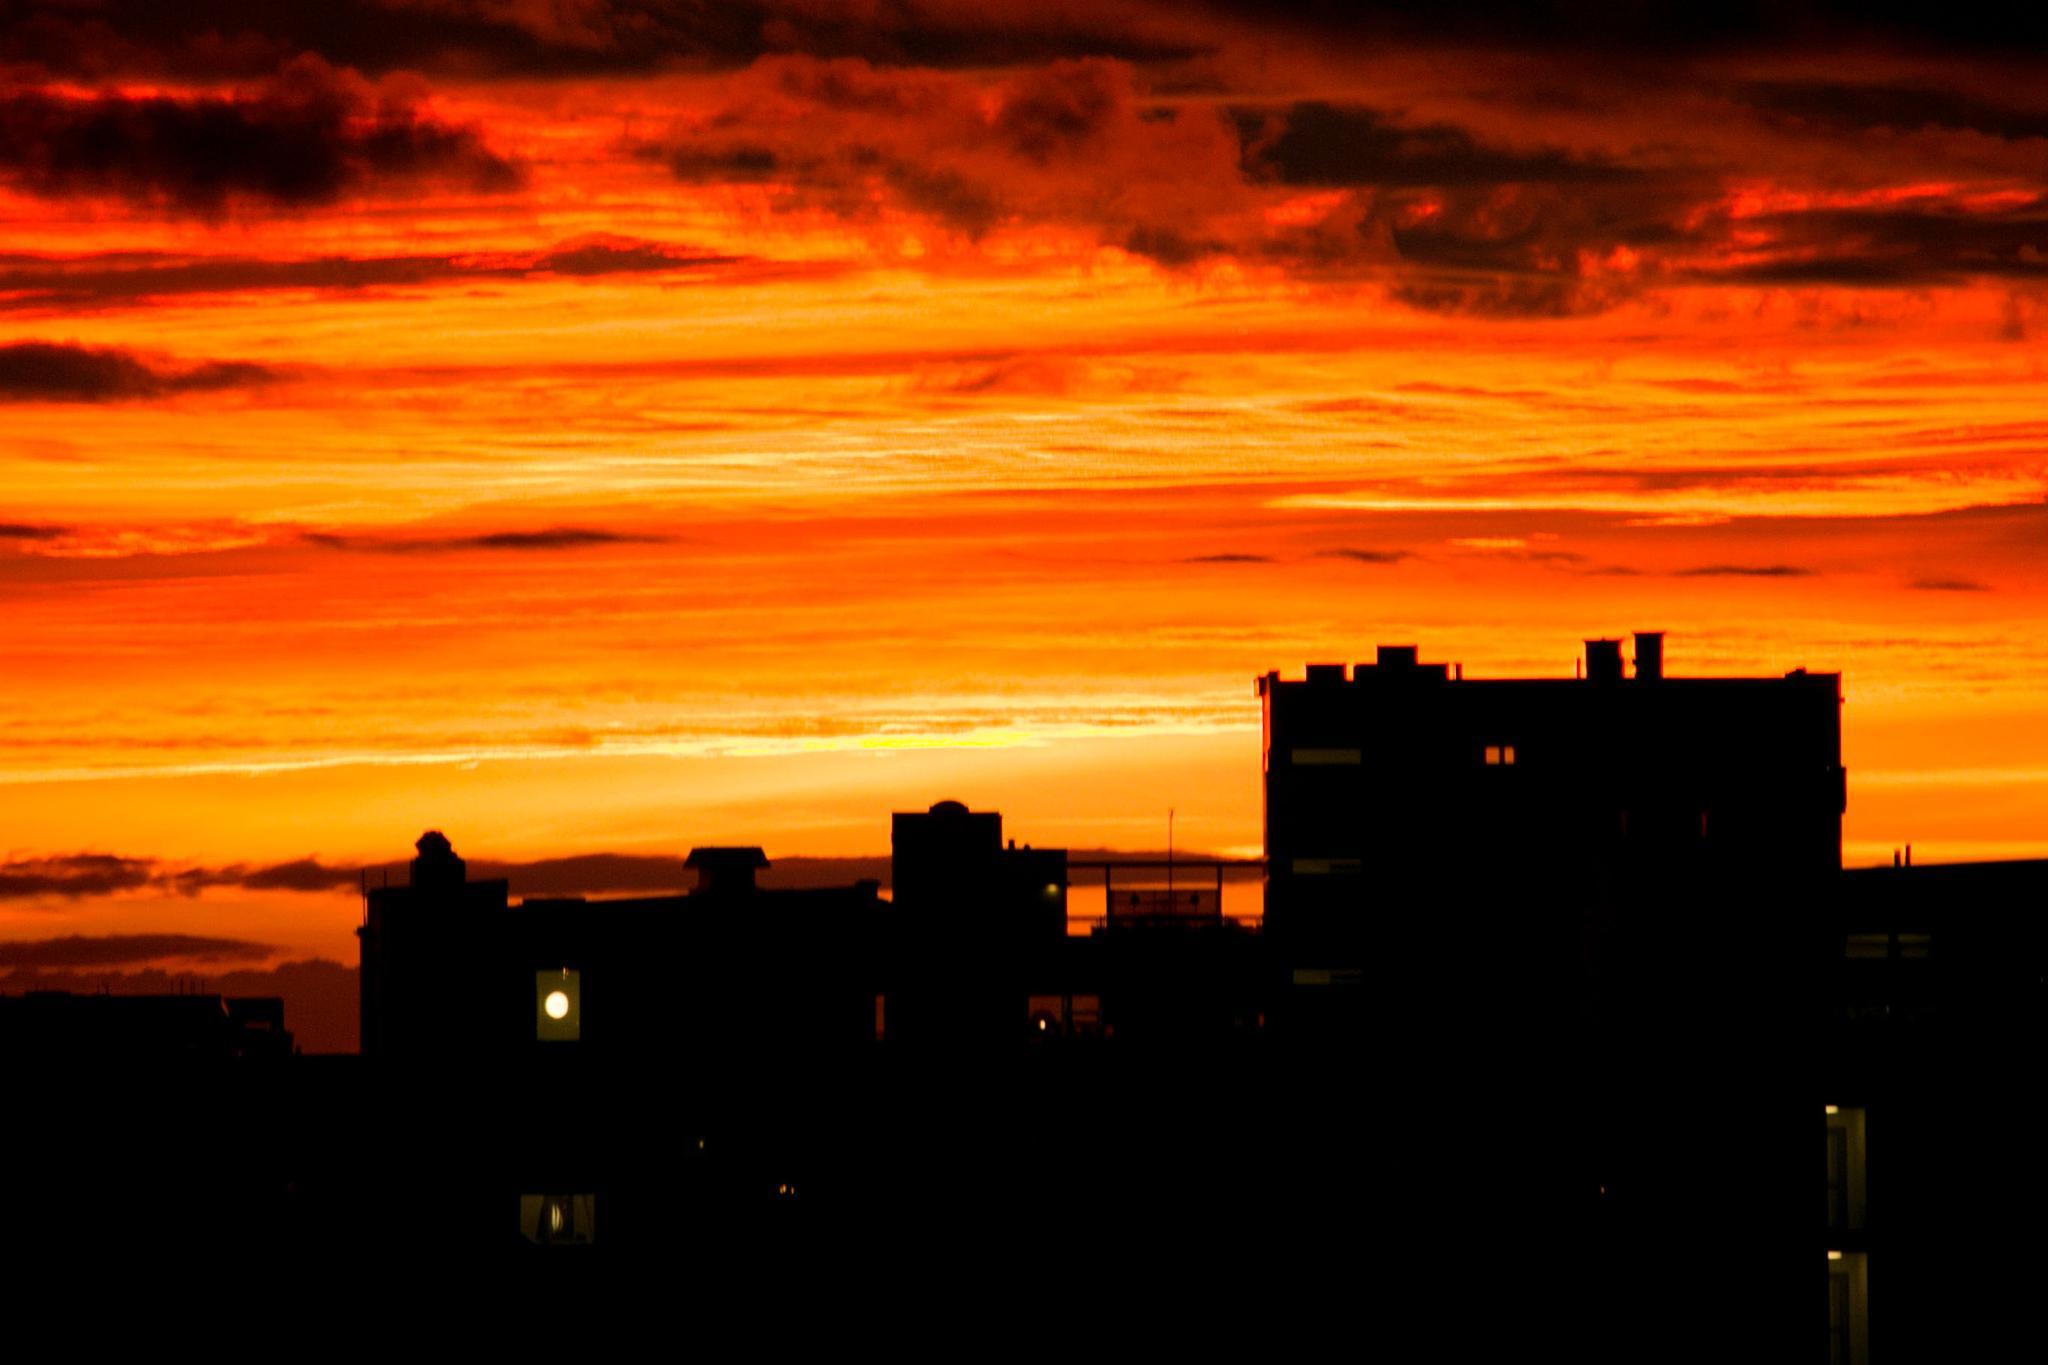 Sunset in Malmö by Dag Thönnersten